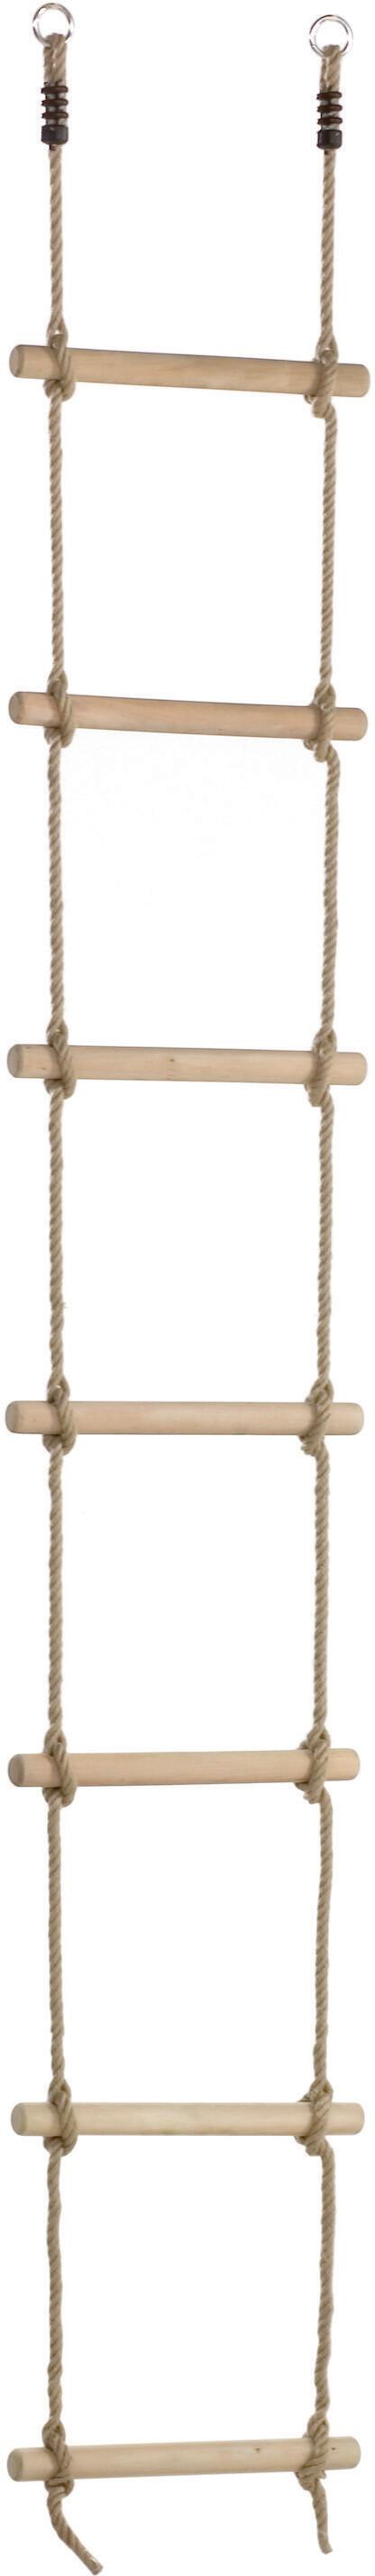 Touwladder houten sporten - PH - 3.0 m (2.45 m) - 7 sporten